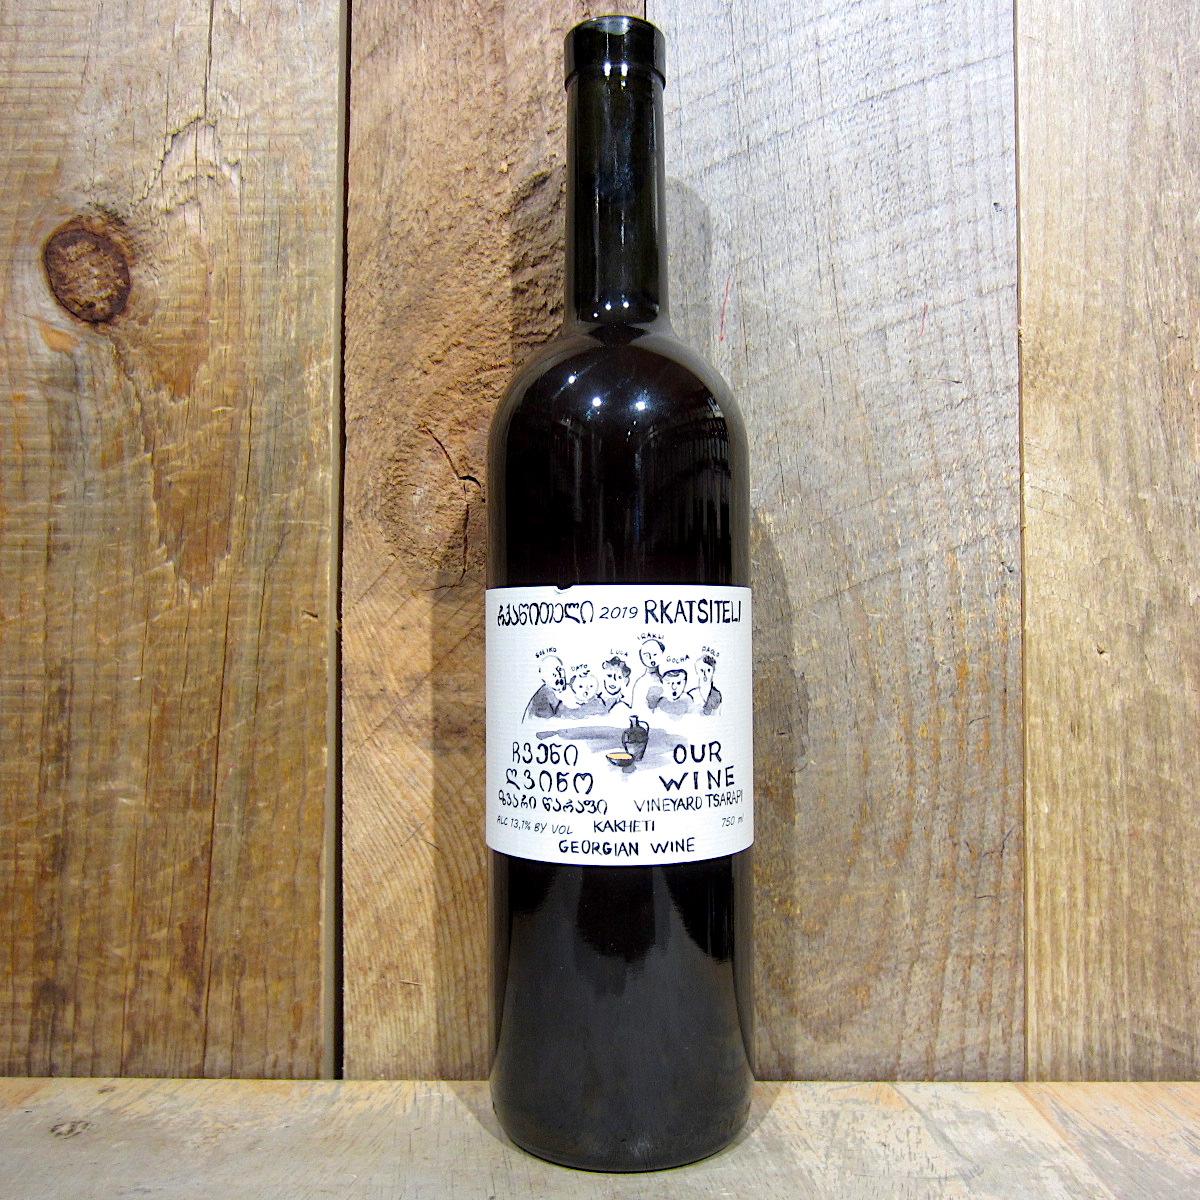 Our Wine Tsarapi Rkatsiteli 2019 750ml